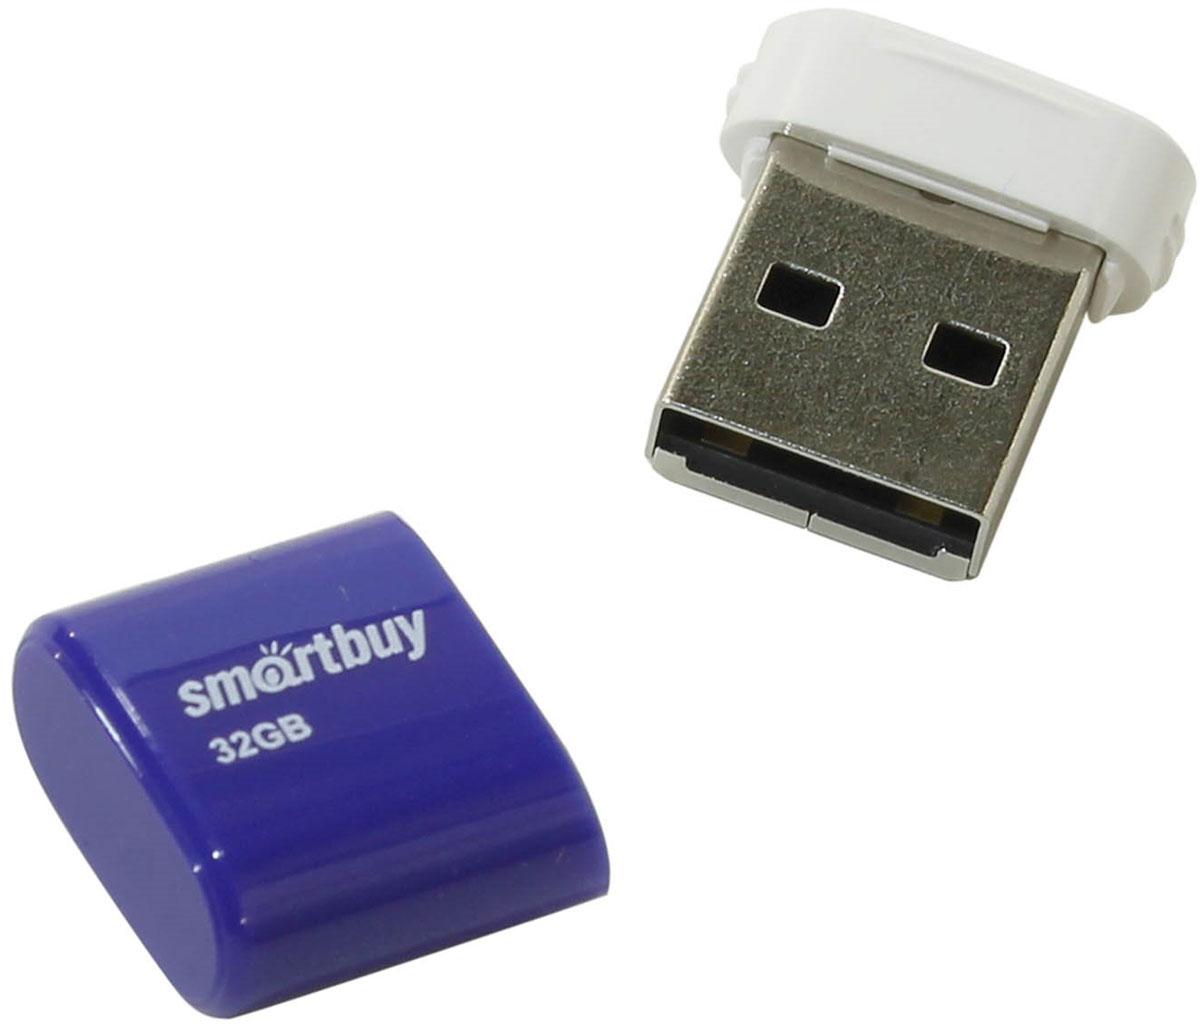 SmartBuy Lara 32GB, Blue USB-накопительSB32GBLARA-BSmartBuy Lara - это стильный, компактный и производительный флеш-накопитель. Он позволяет быстро передавать большое количество информации, такой как документы, фотографии, видео- и аудиофайлы и даже фильмы. Накопитель SmartBuy Lara можно использовать как временное, так и постоянное хранилище информации. Корпус оснащен петлей для подвешивания, которая позволяет накопителю всегда оставаться под рукой.